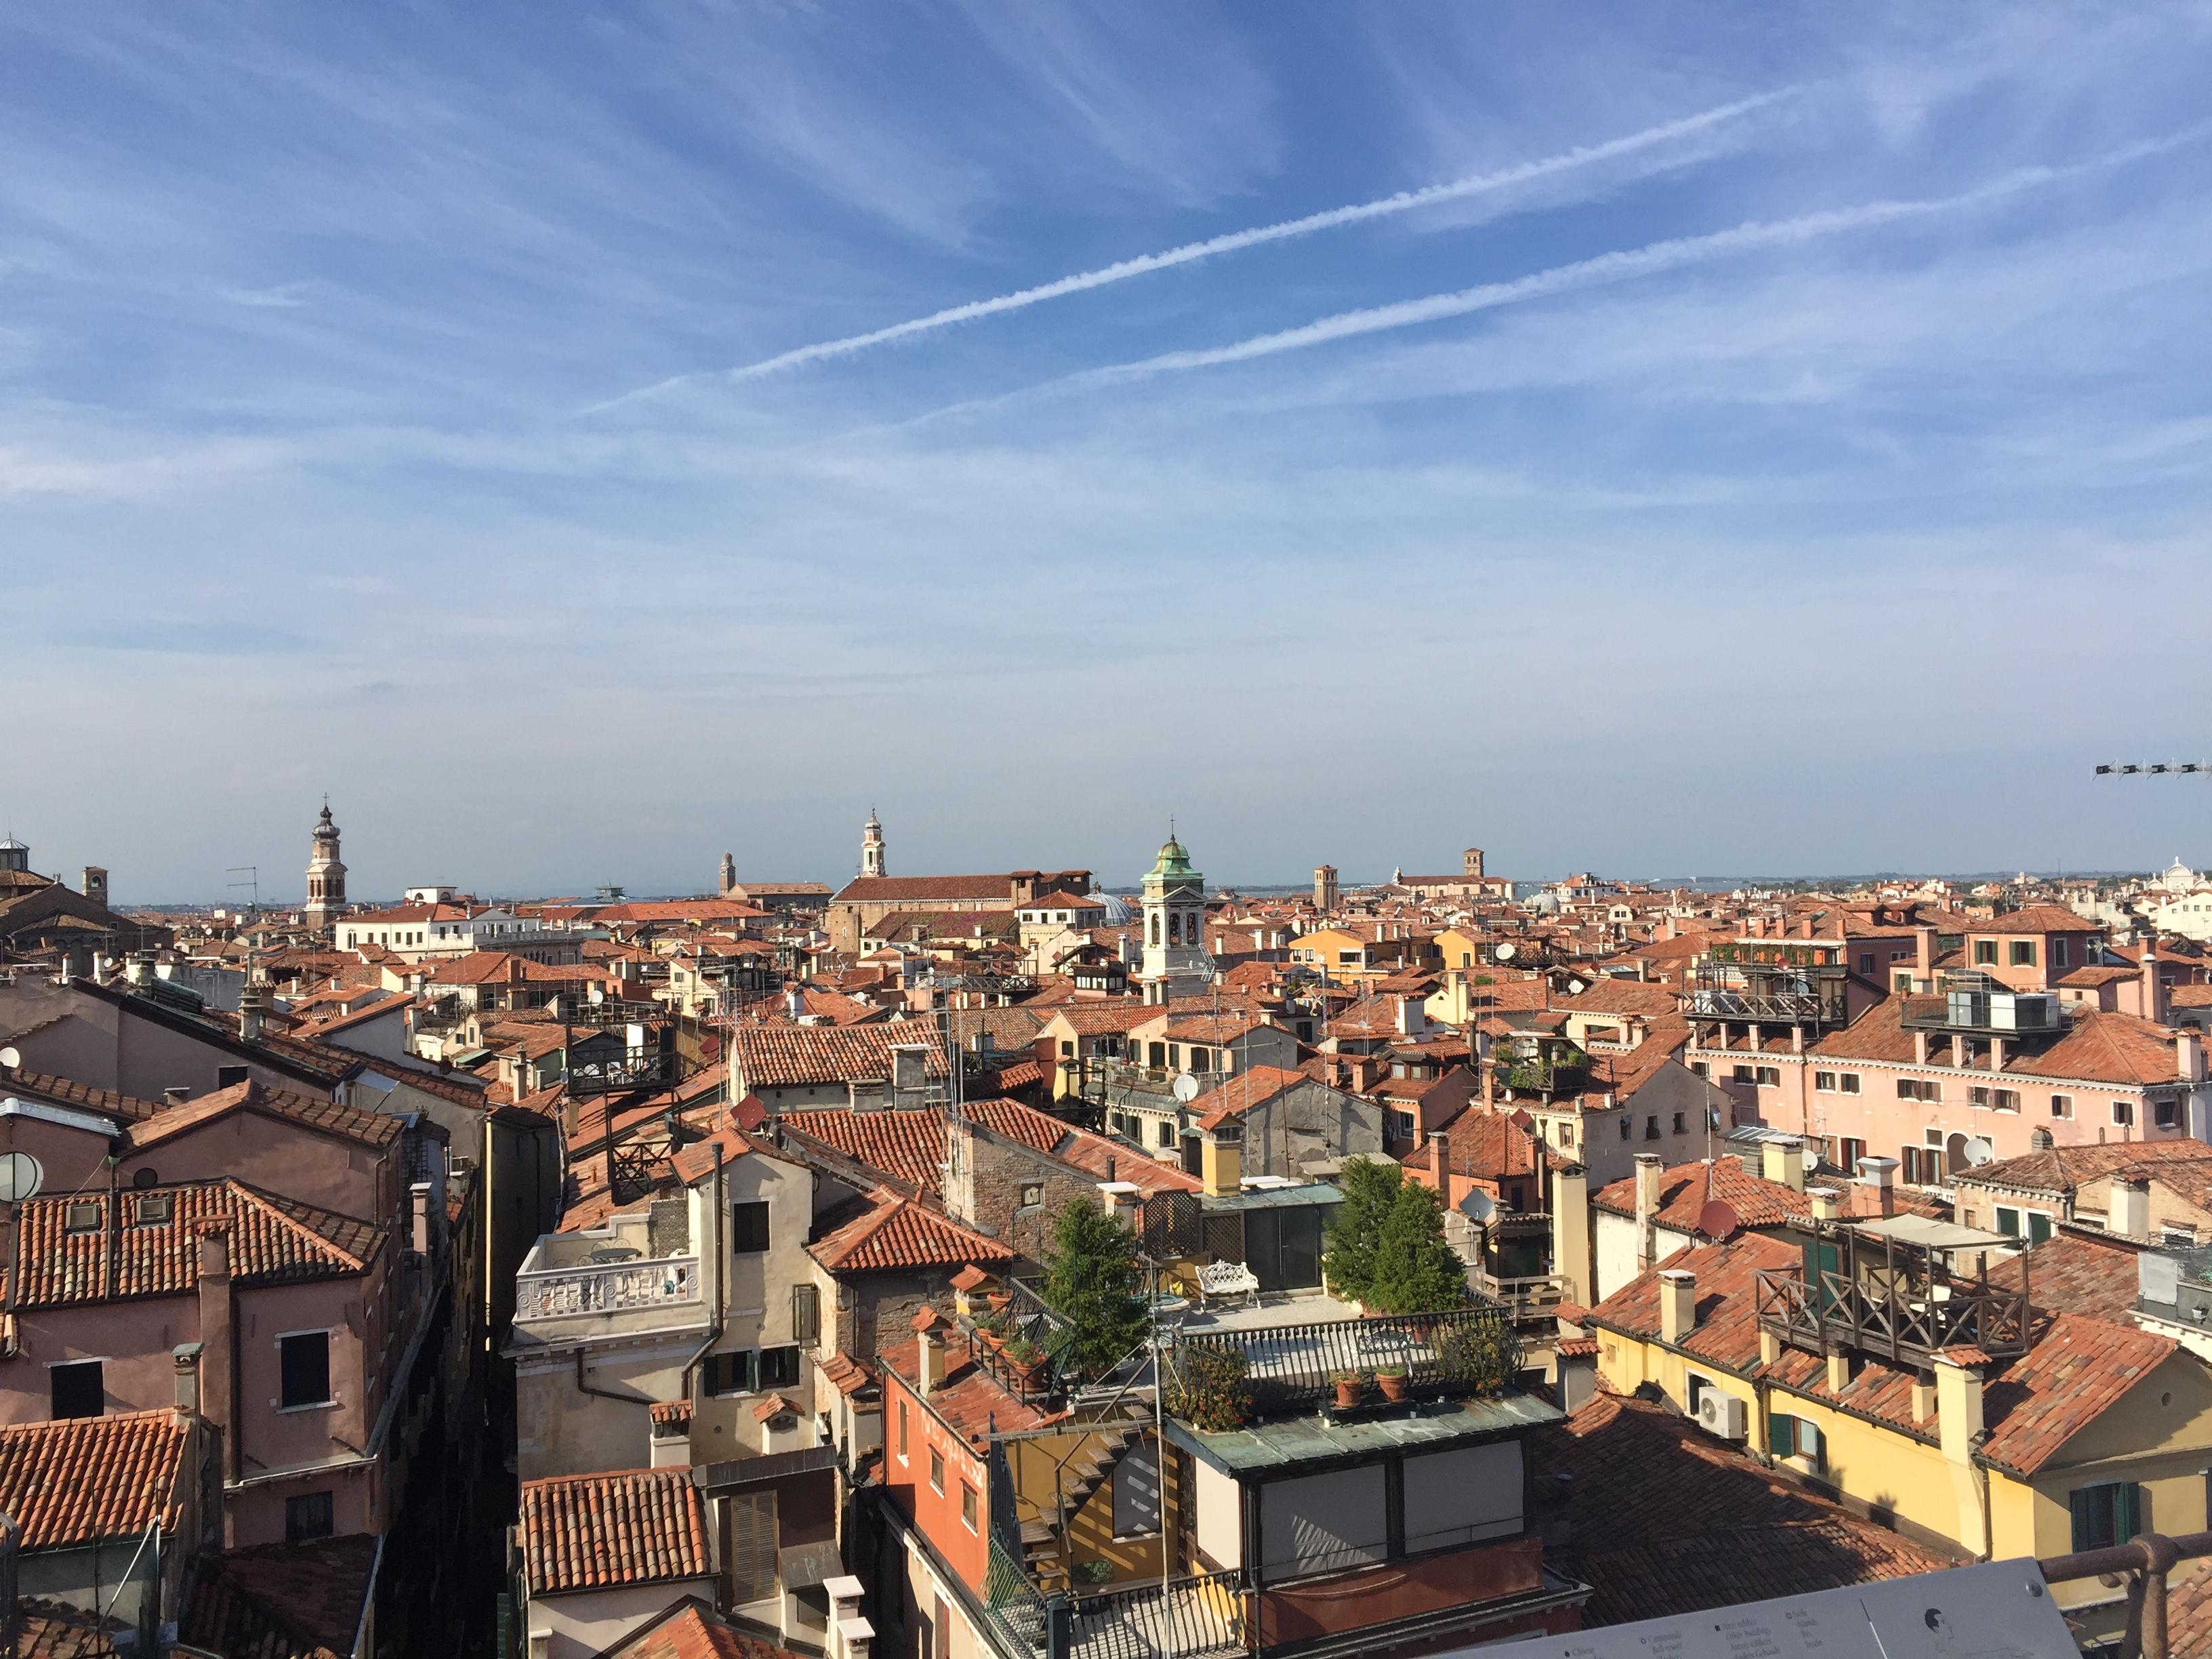 img 1565 - Subiendo al reloj astronómico de Venecia y Panoramica de la Piazza San Marcos